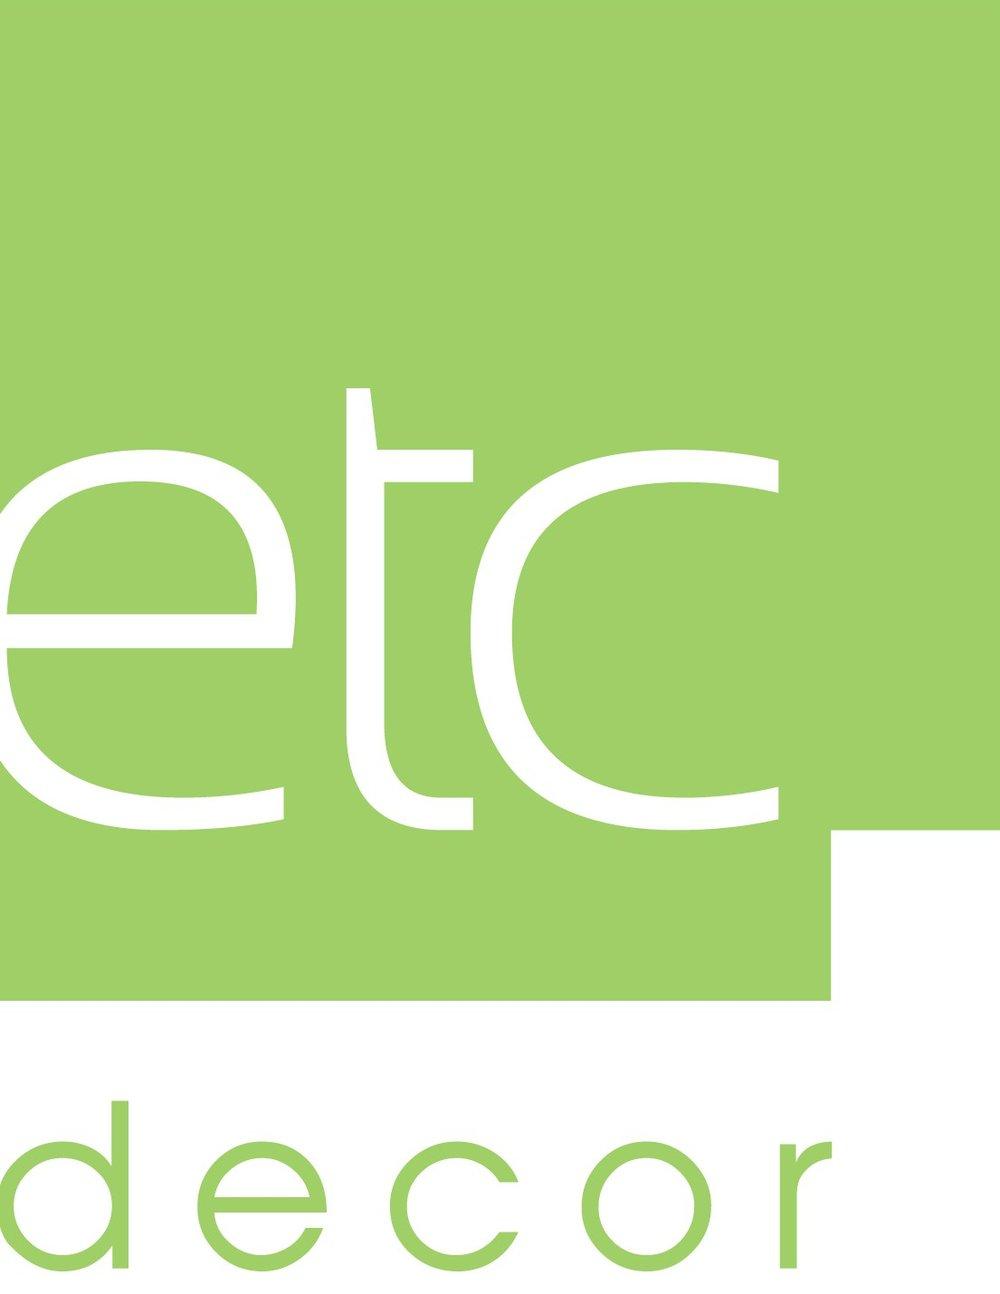 etc_decor_logo.jpg